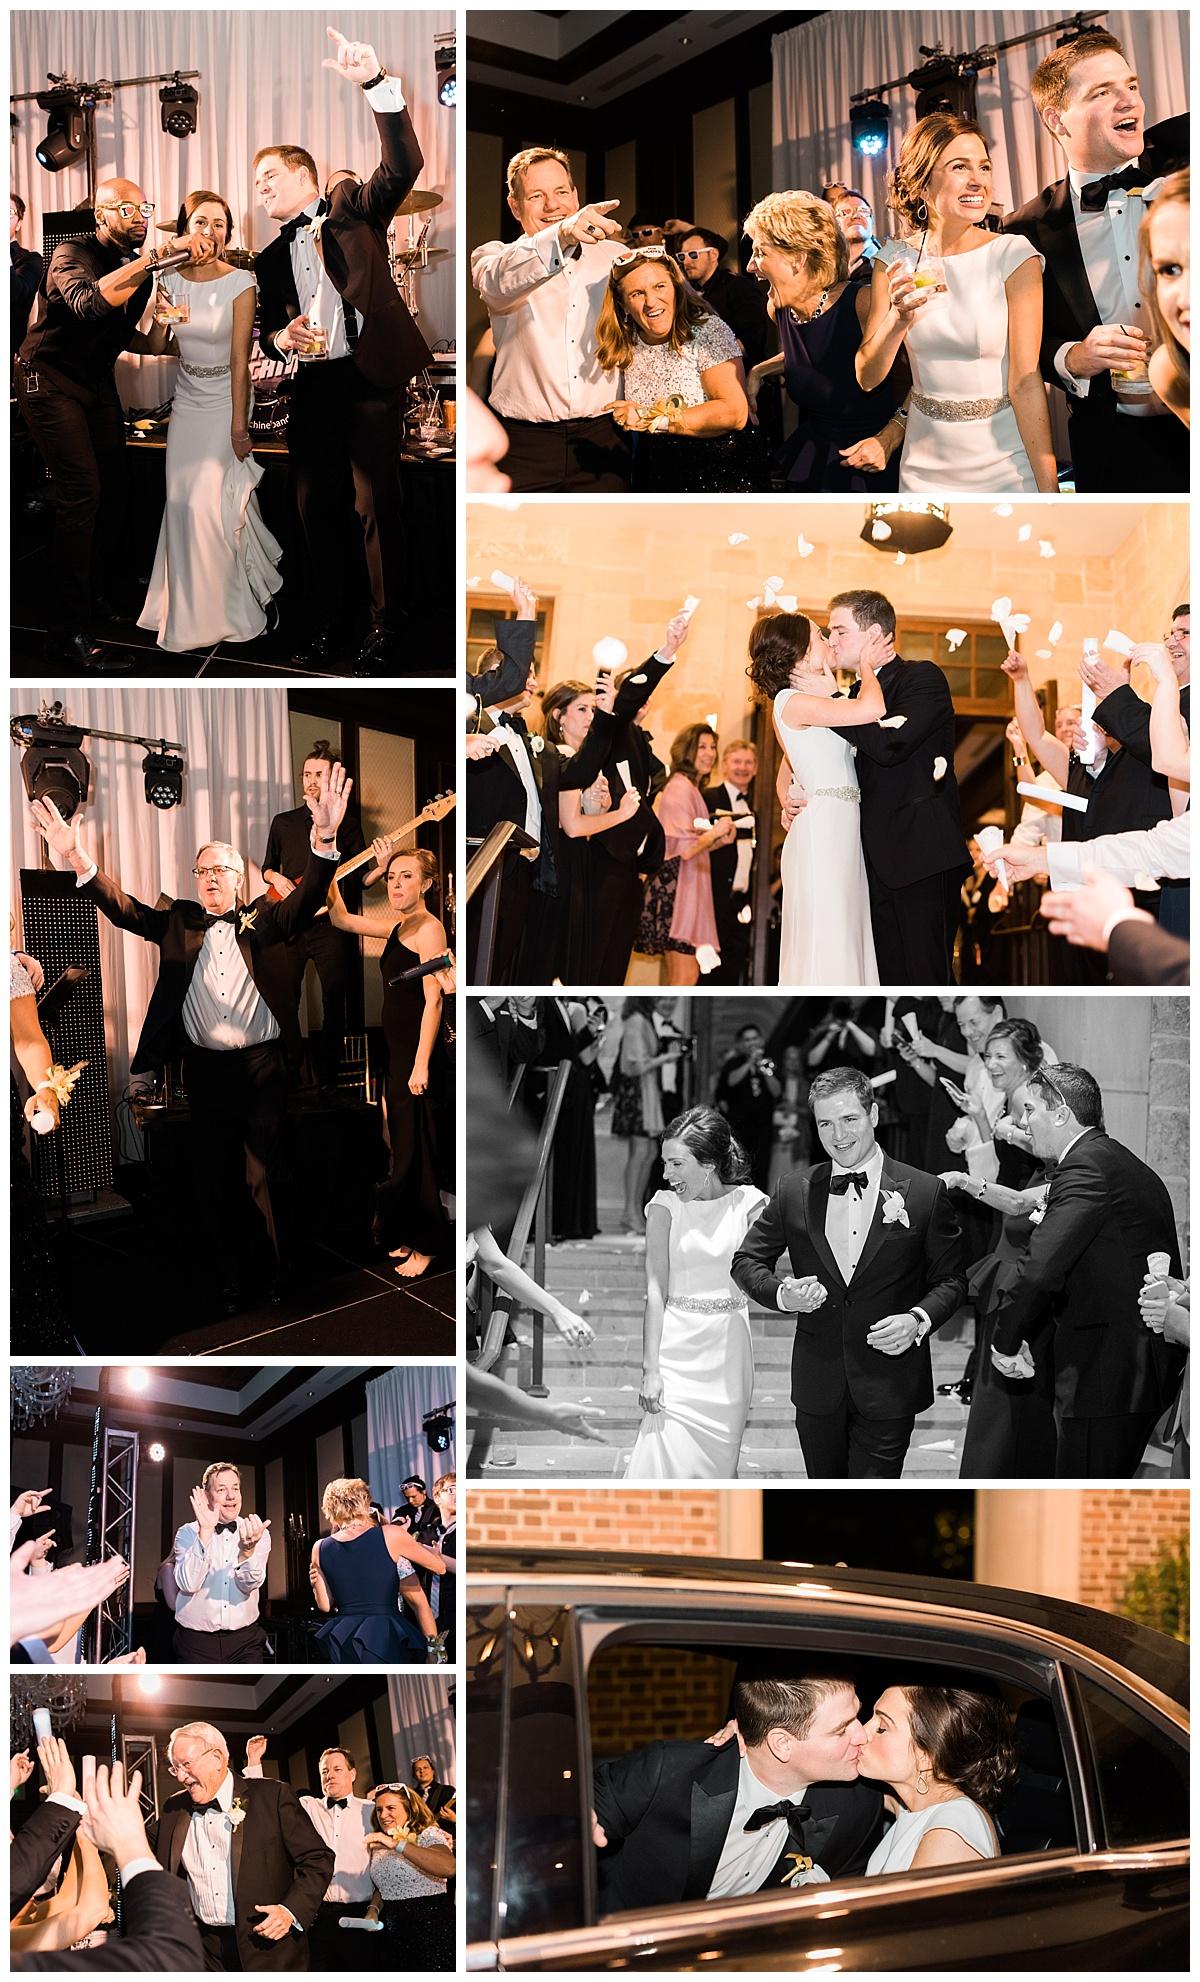 dallas-country-club-wedding-ar-photography-22.jpg